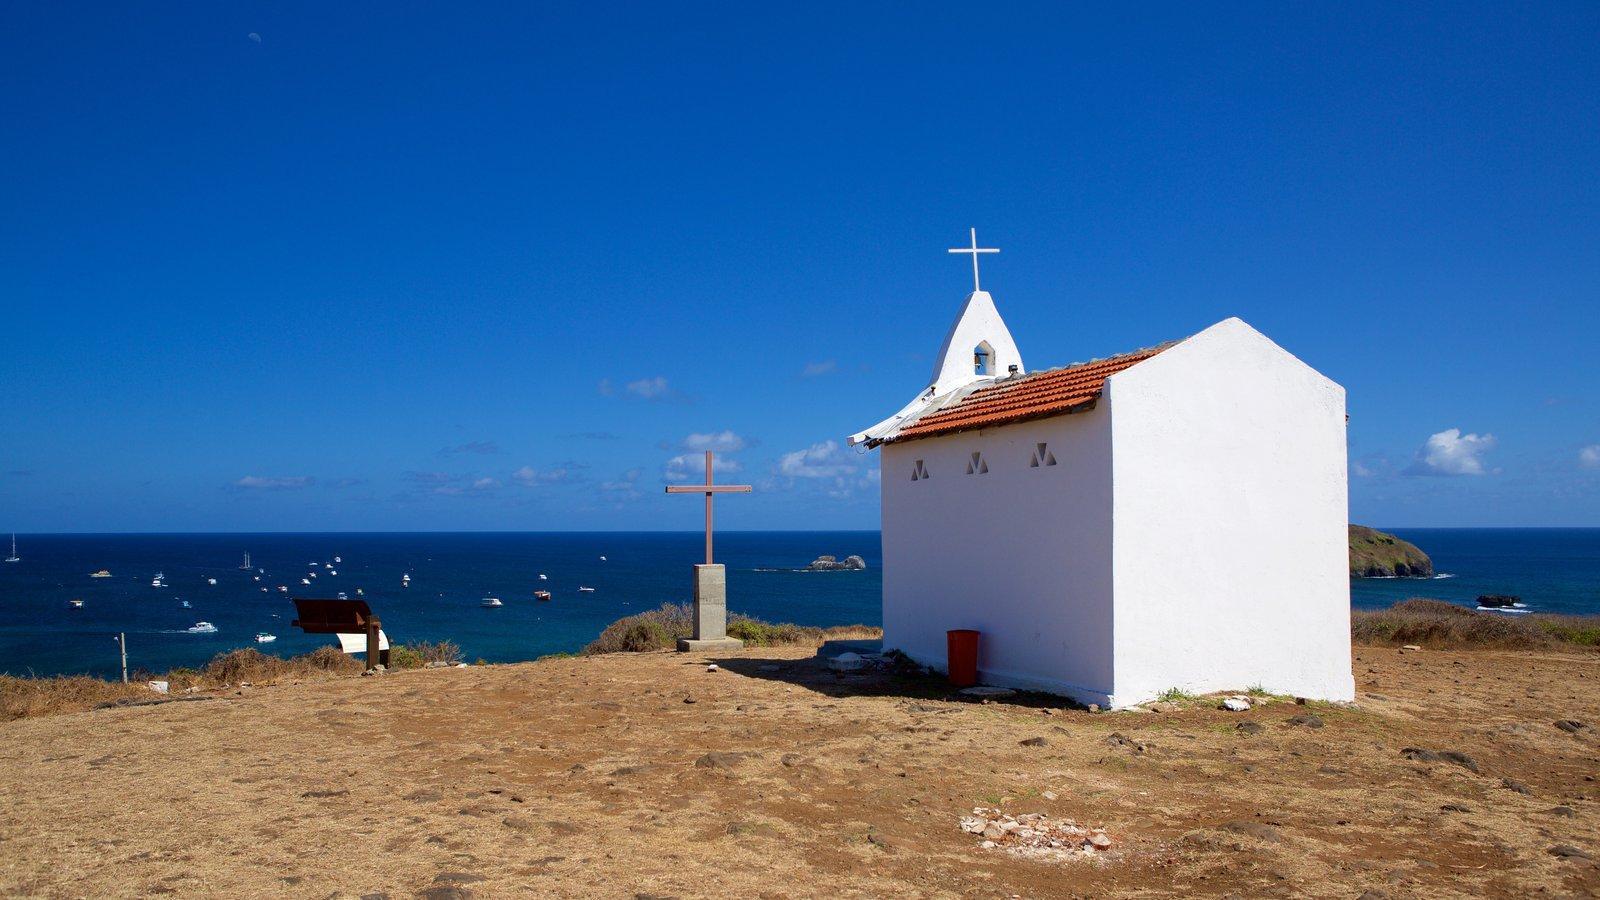 Capela de São Pedro caracterizando paisagens litorâneas, elementos religiosos e uma igreja ou catedral